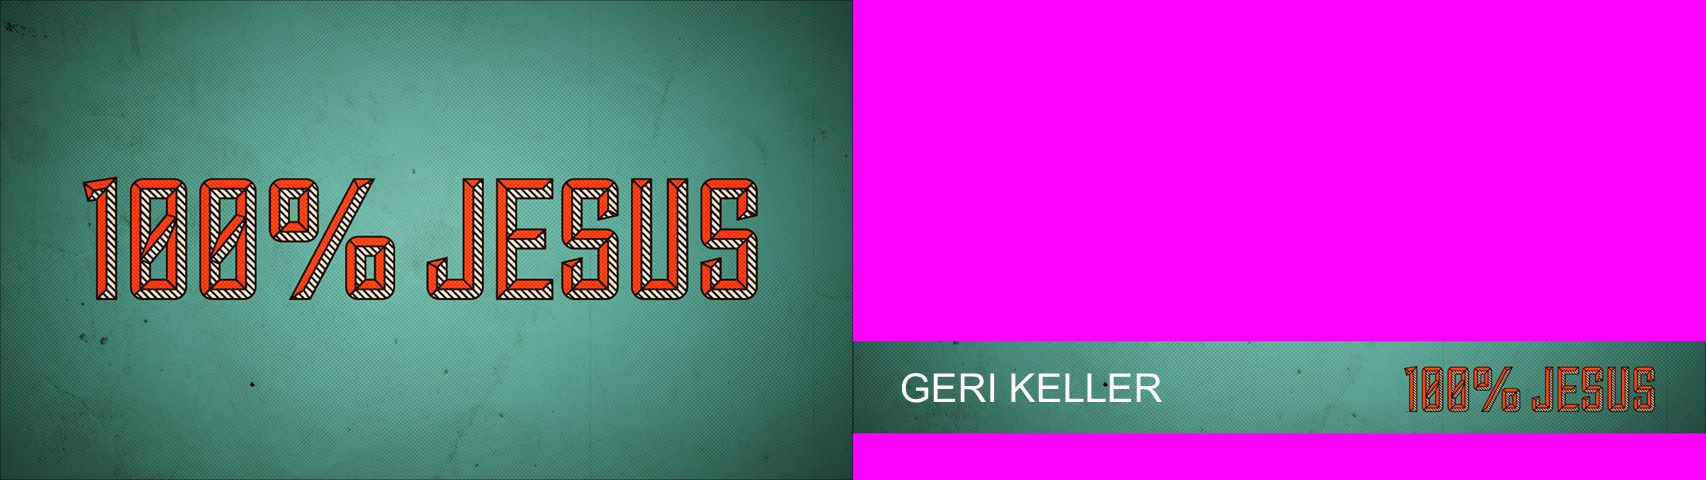 GERI KELLER